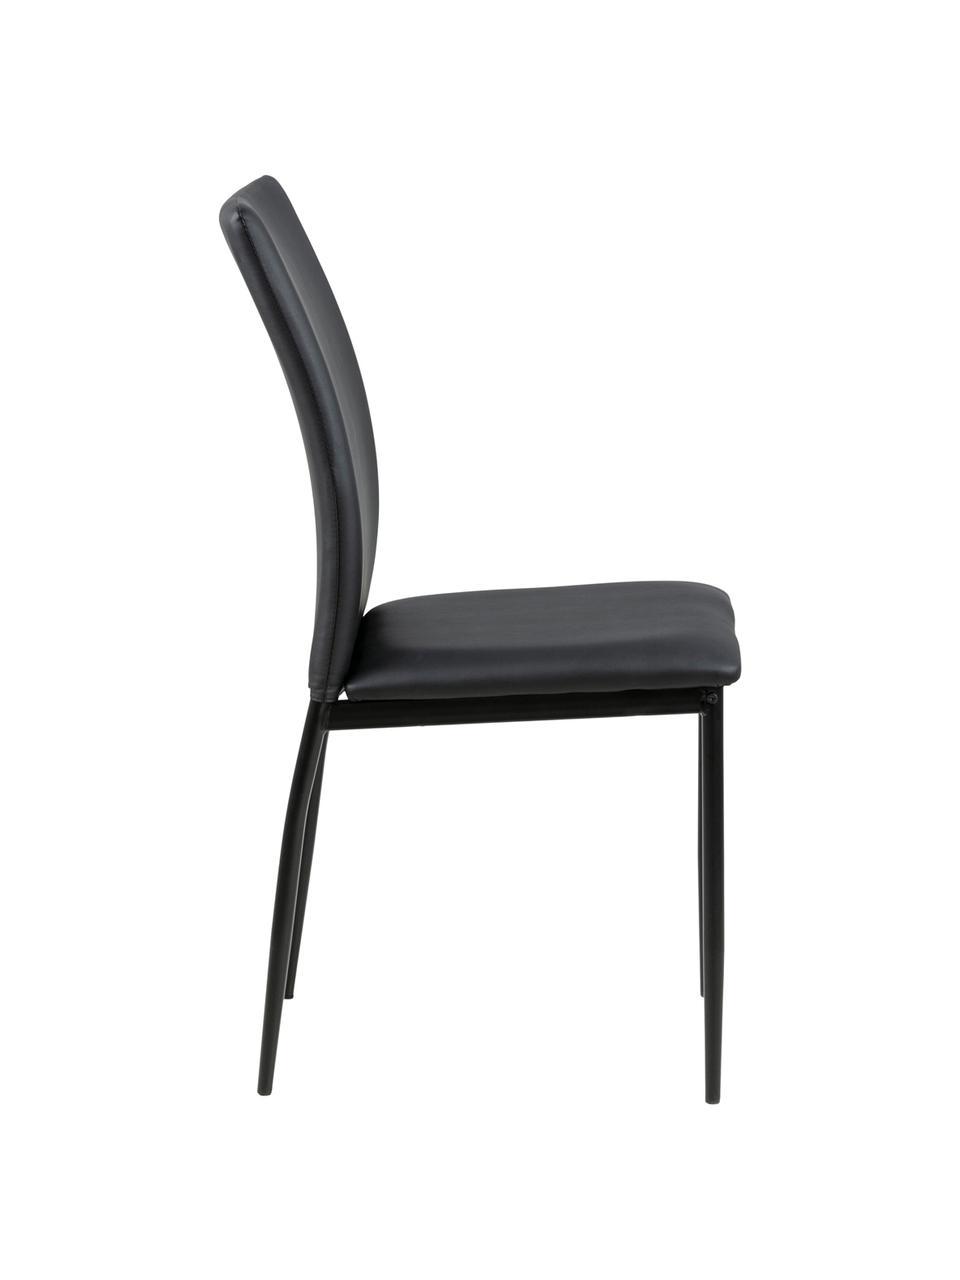 Kunstleder-Stuhl Demina, Bezug: Polyurethan (PU-Leder), Beine: Metall, pulverbeschichtet, Schwarz, B 44 x T 53 cm